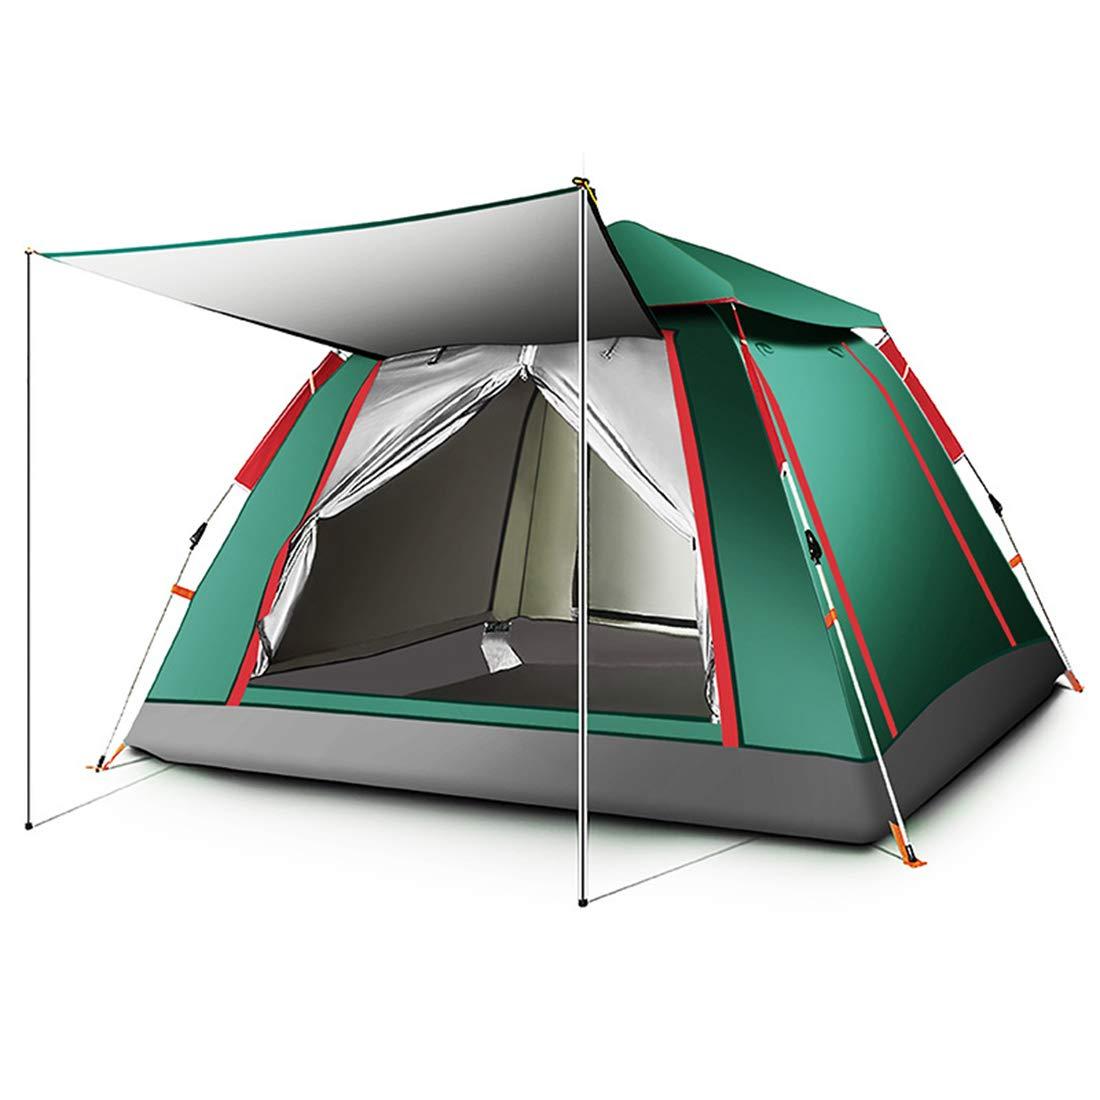 Pop Up Camping Zelt wasserdicht UV-Schutz 3 Jahreszeiten Reisen Jagd automatisches Großes Familien Zelt B07MZ2DNXD Wurfzelte Rabatt